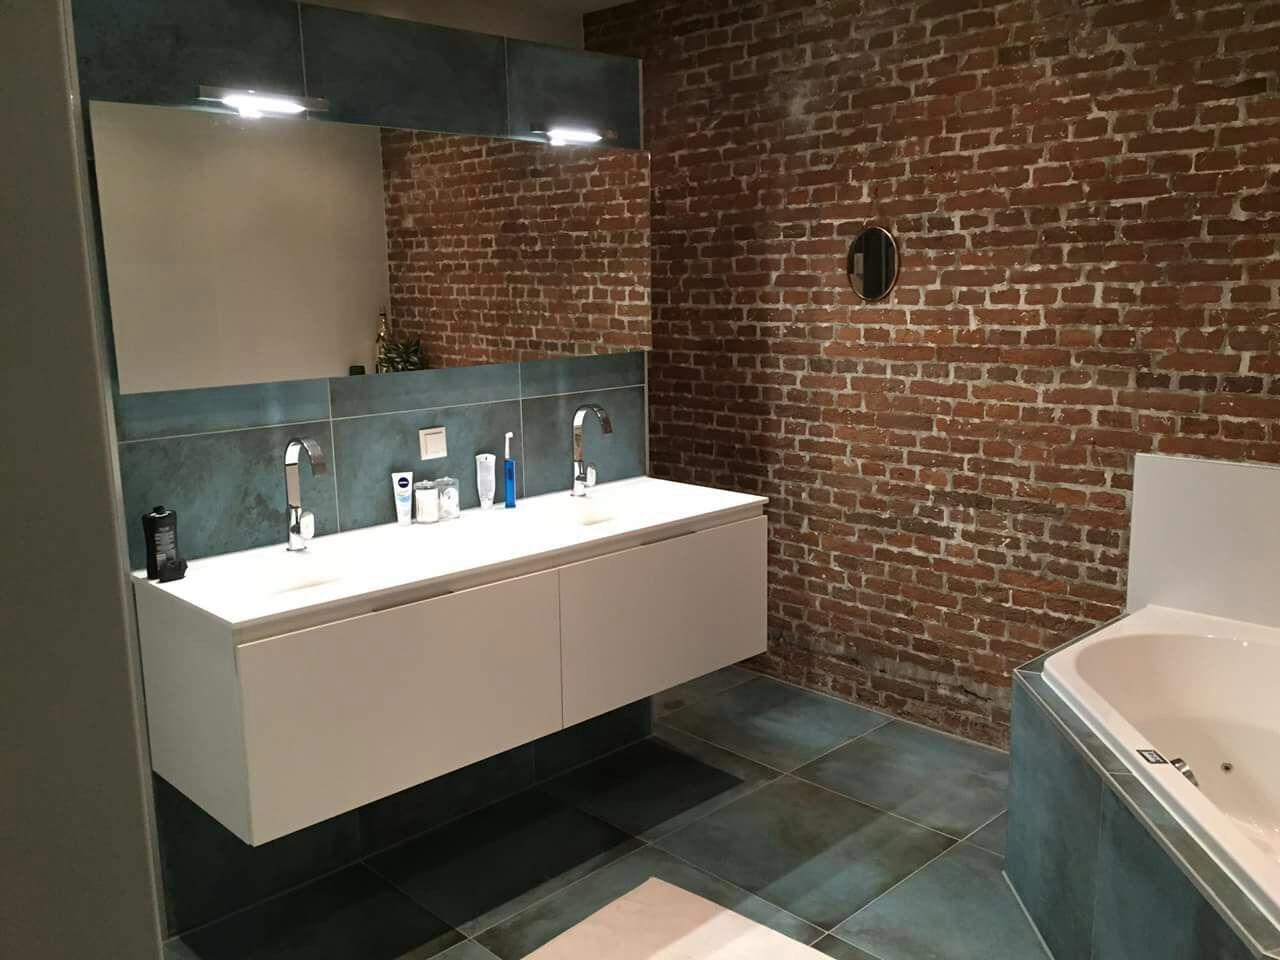 Originele baksteen binnenmuur verwerkt in de badkamer samen met